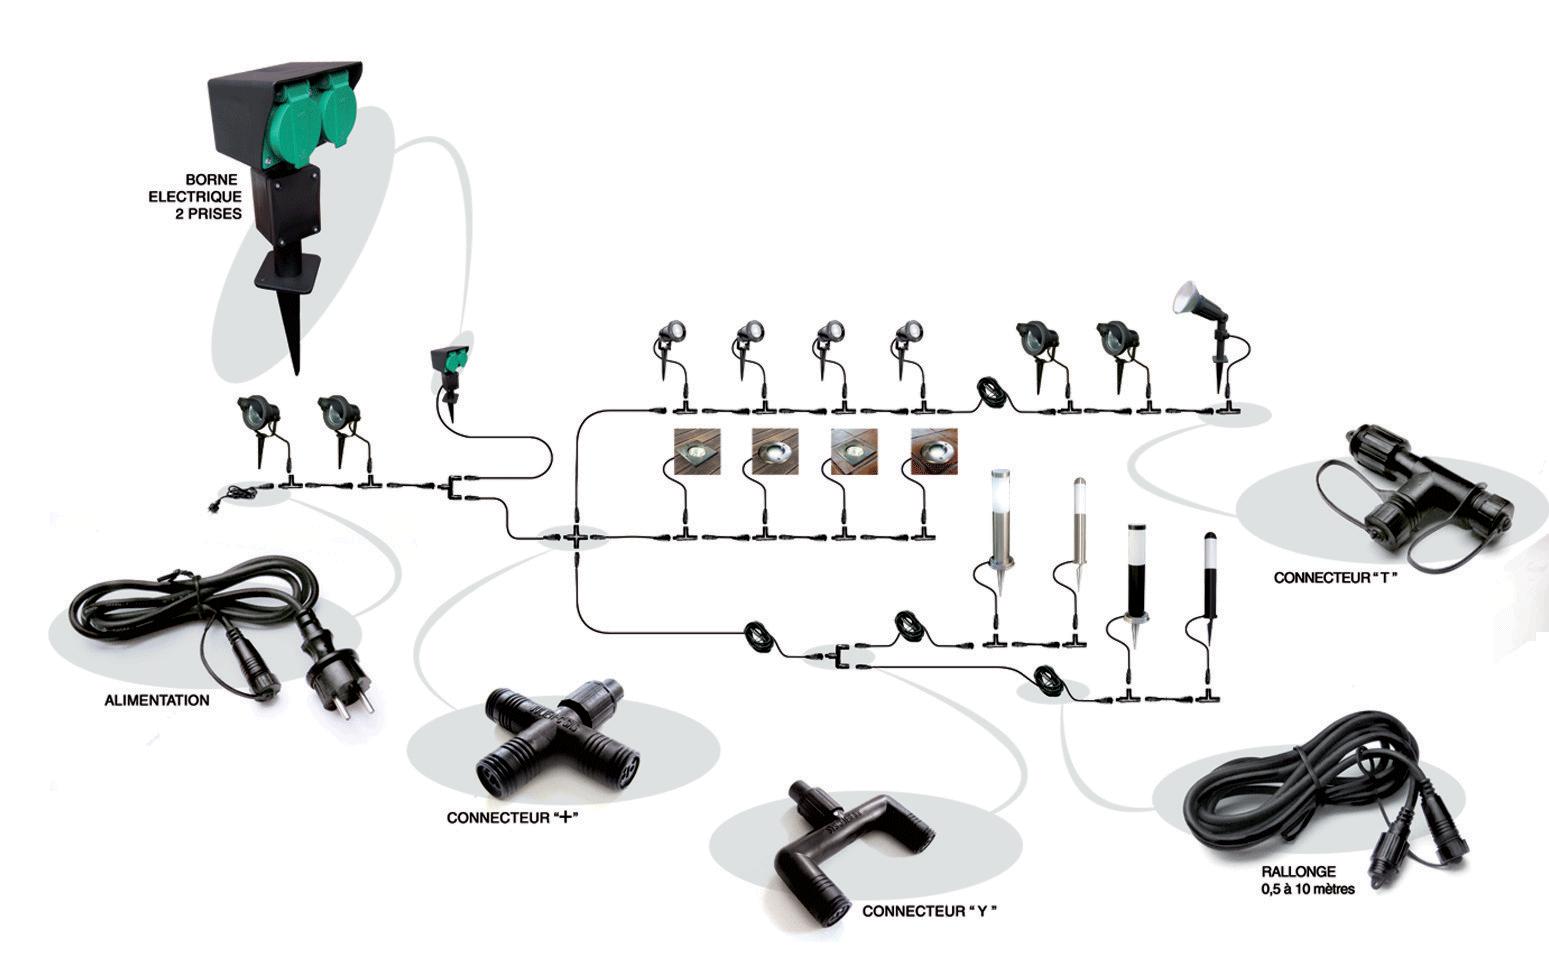 Fiche conseil installation pose connectique easy connect for Branchement eclairage exterieur en serie